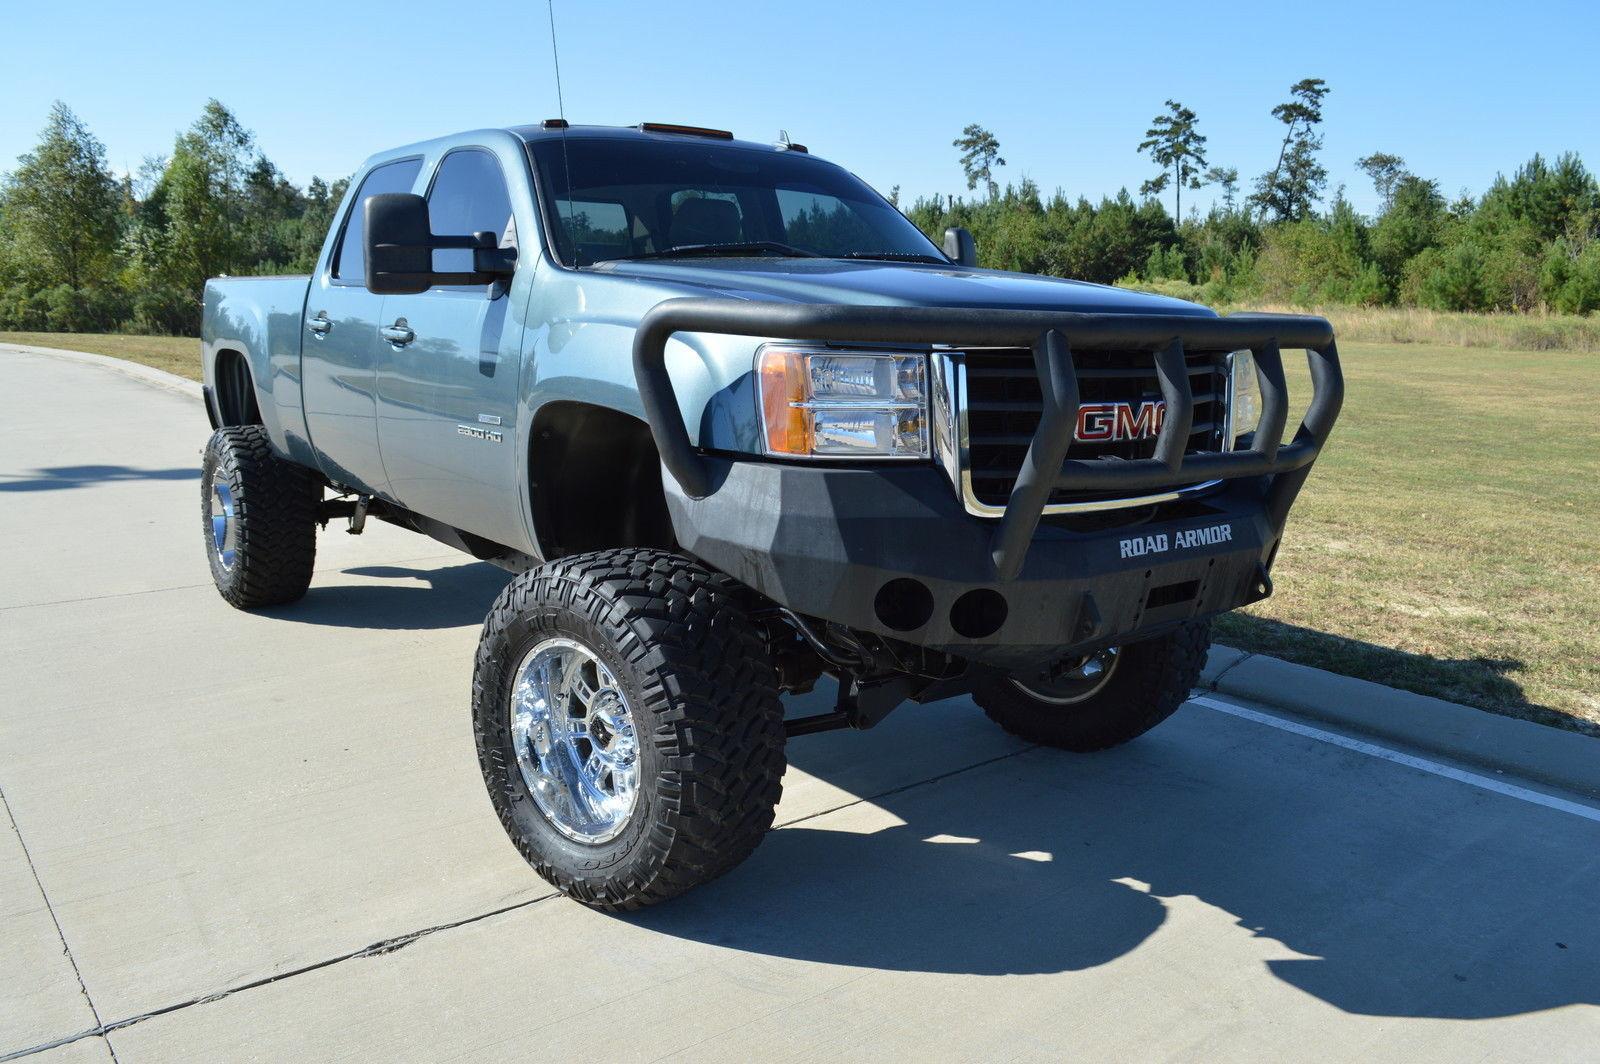 tuned 2010 gmc sierra 2500 slt monster truck for sale. Black Bedroom Furniture Sets. Home Design Ideas